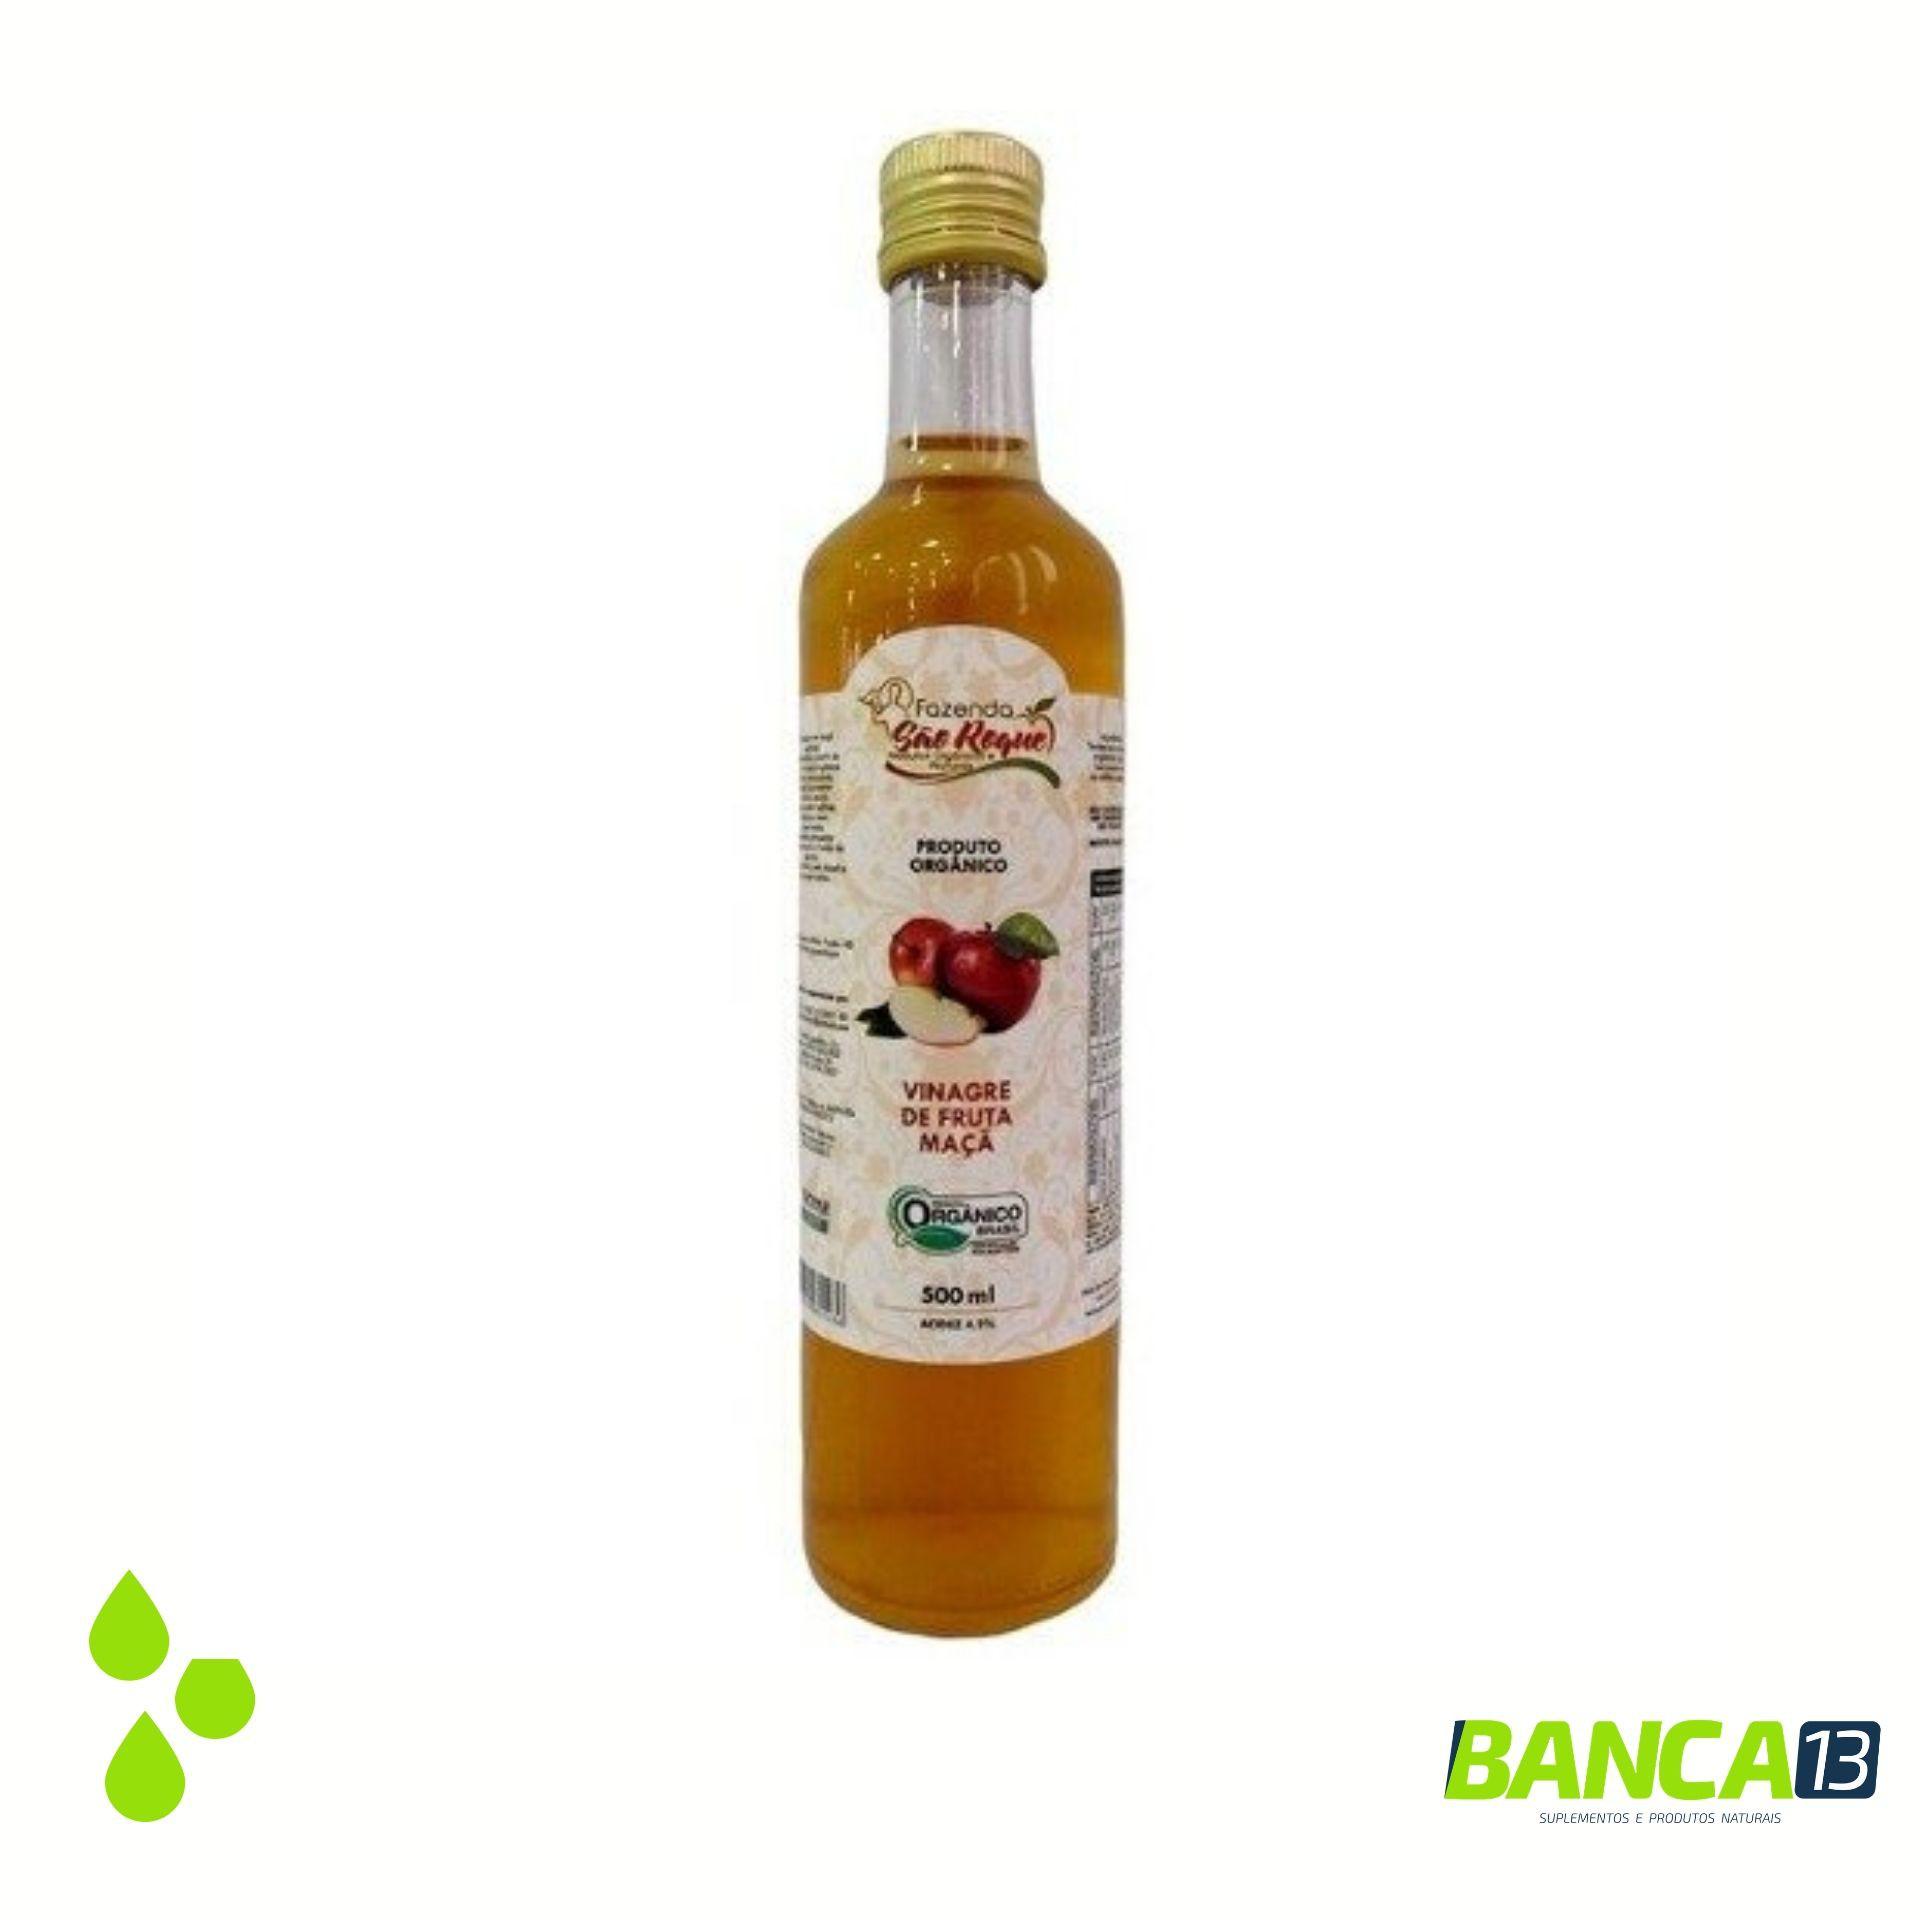 Vinagre de Maçã - 500ml - São Roque